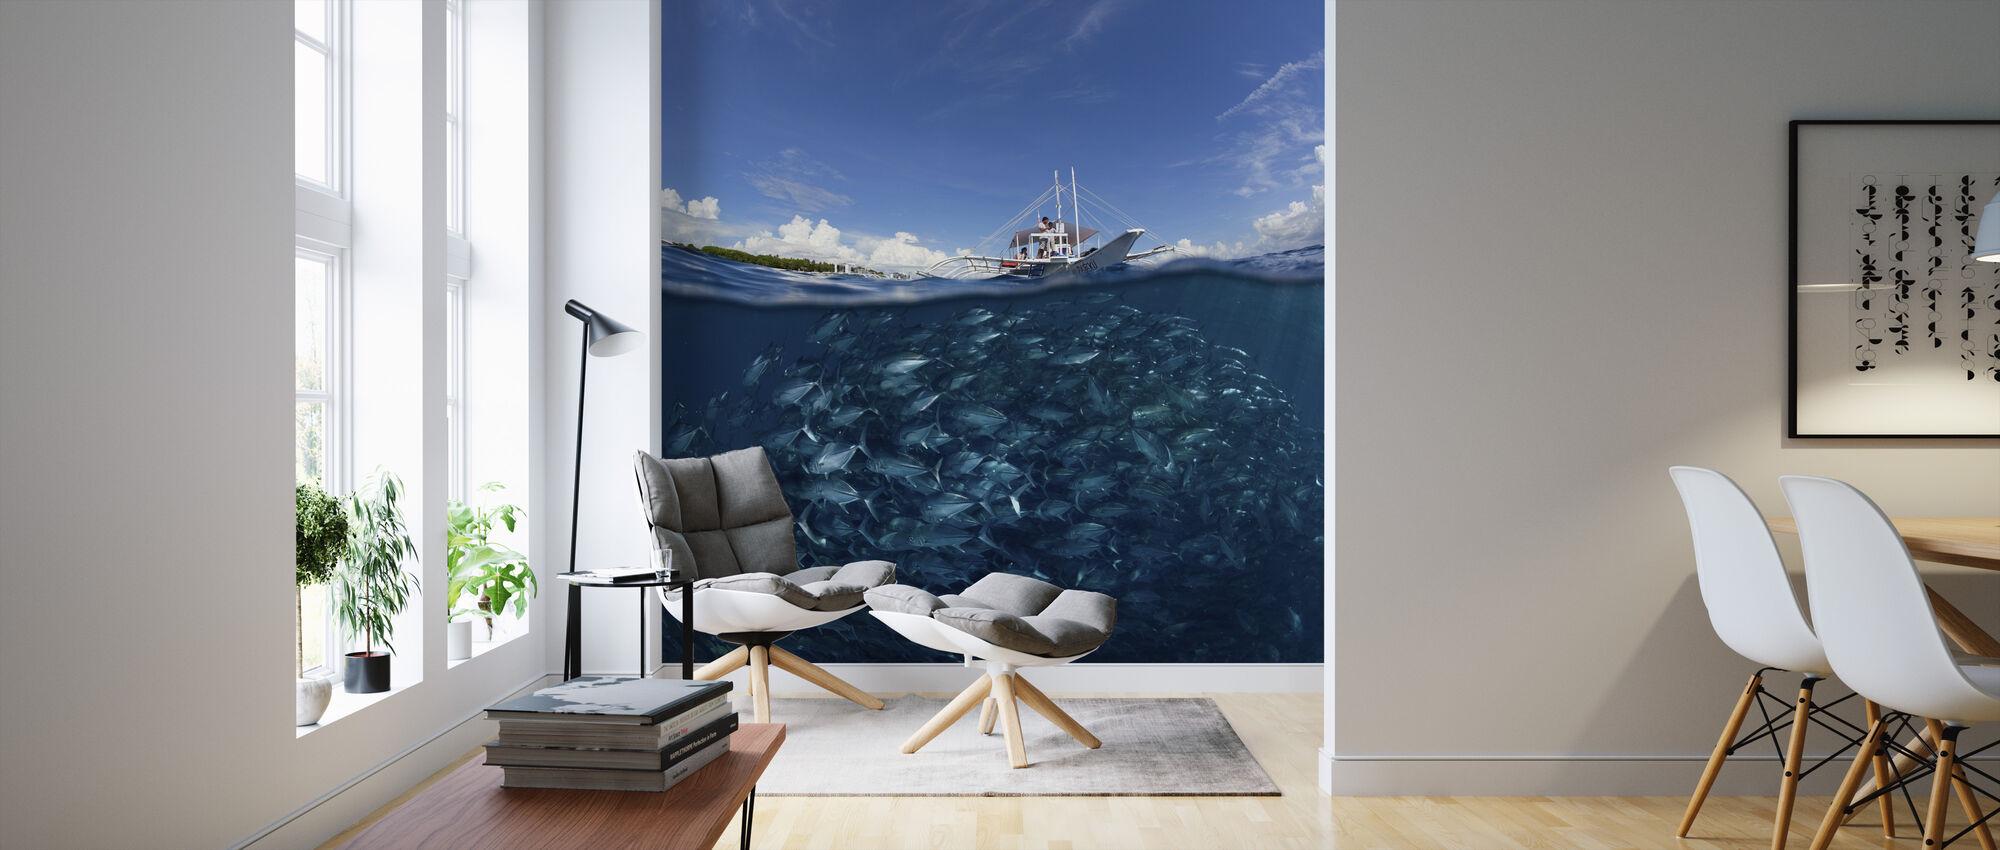 Dykning - Tapet - Vardagsrum